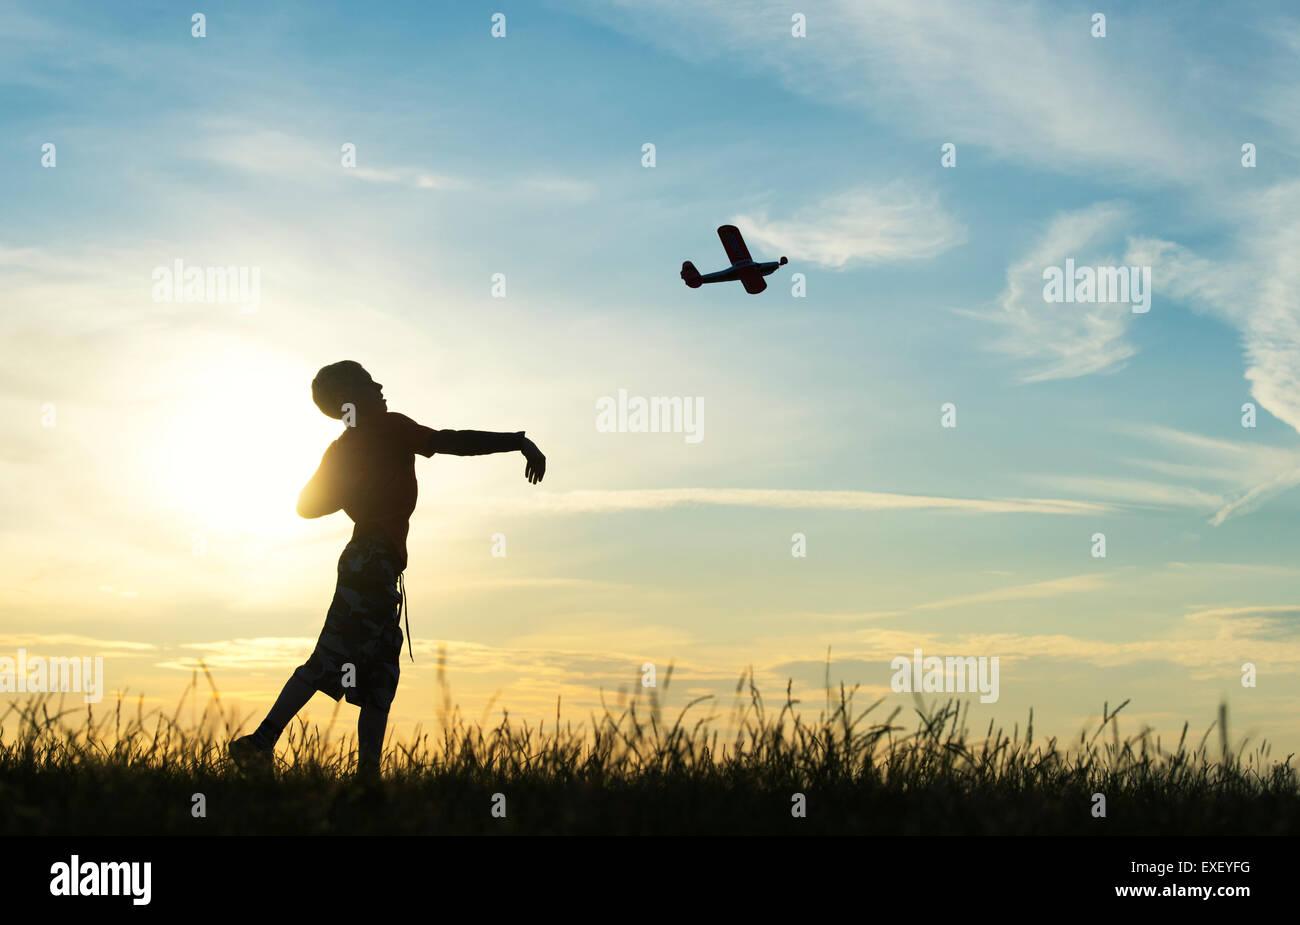 Junge werfen ein Modellflugzeug bei Sonnenuntergang. Silhouette Stockbild